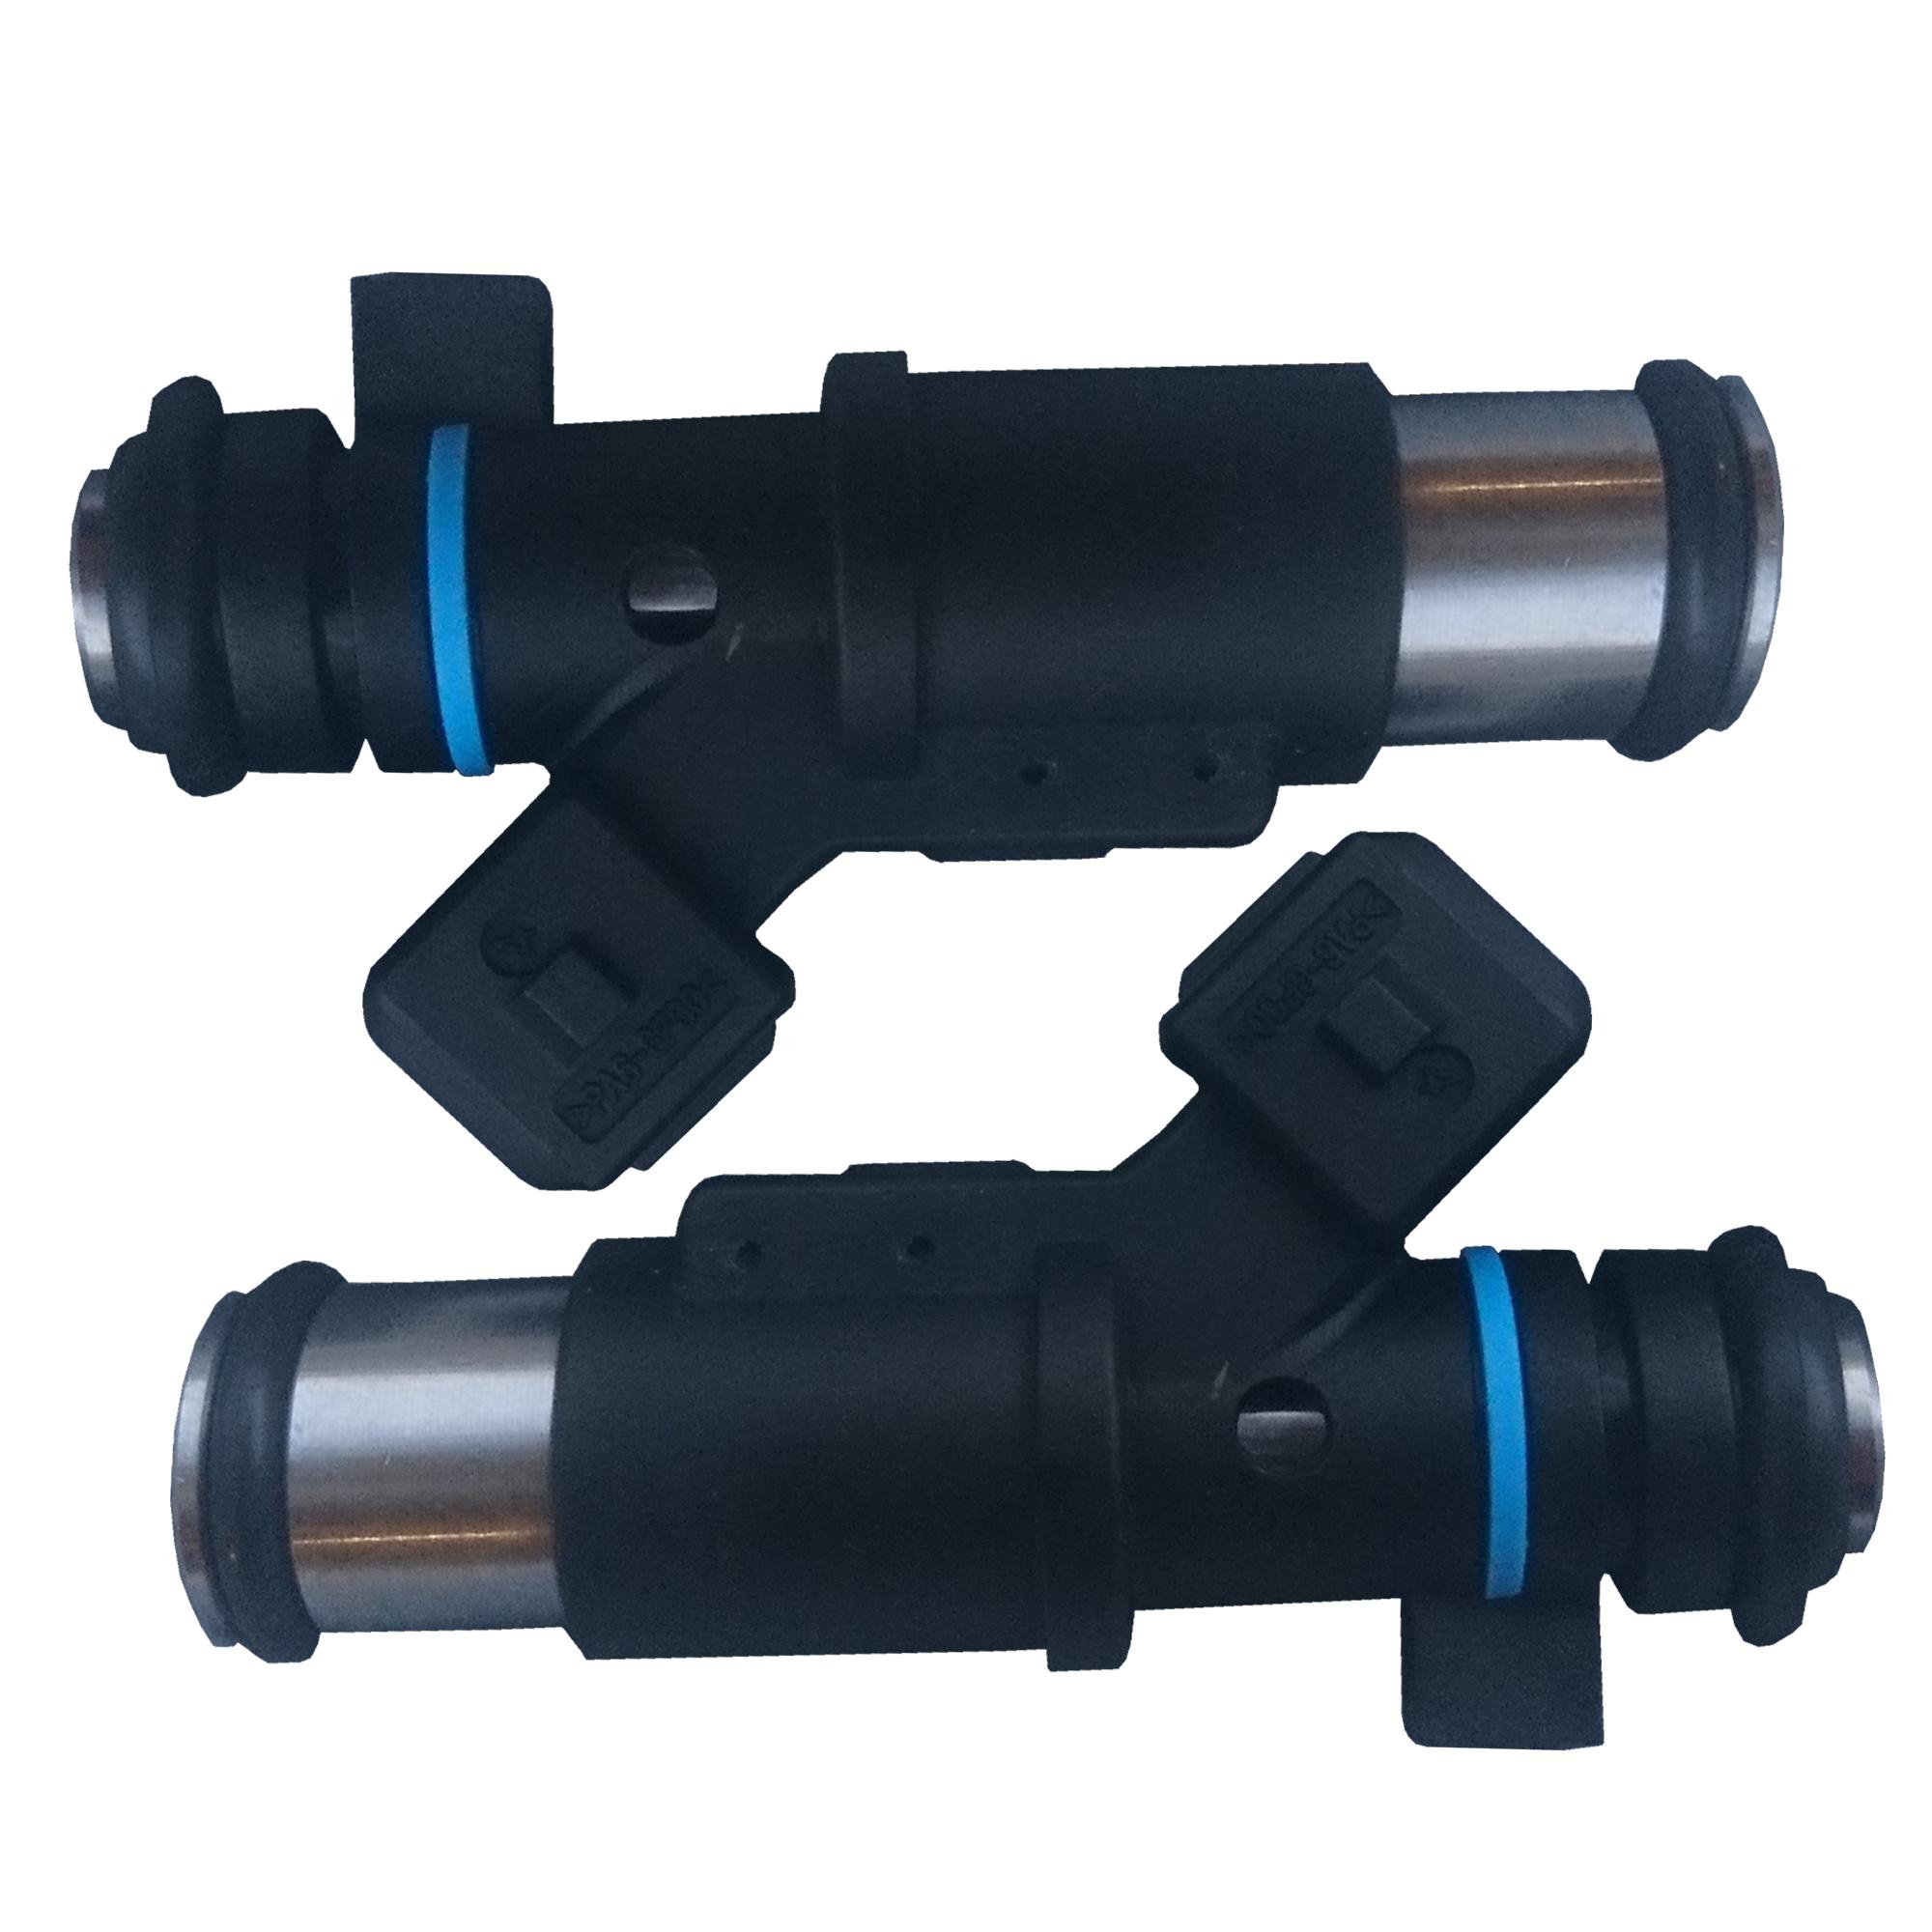 سوزن انژکتور تتراد مدل SA206 مناسب برای پژو 206 بسته دو عددی